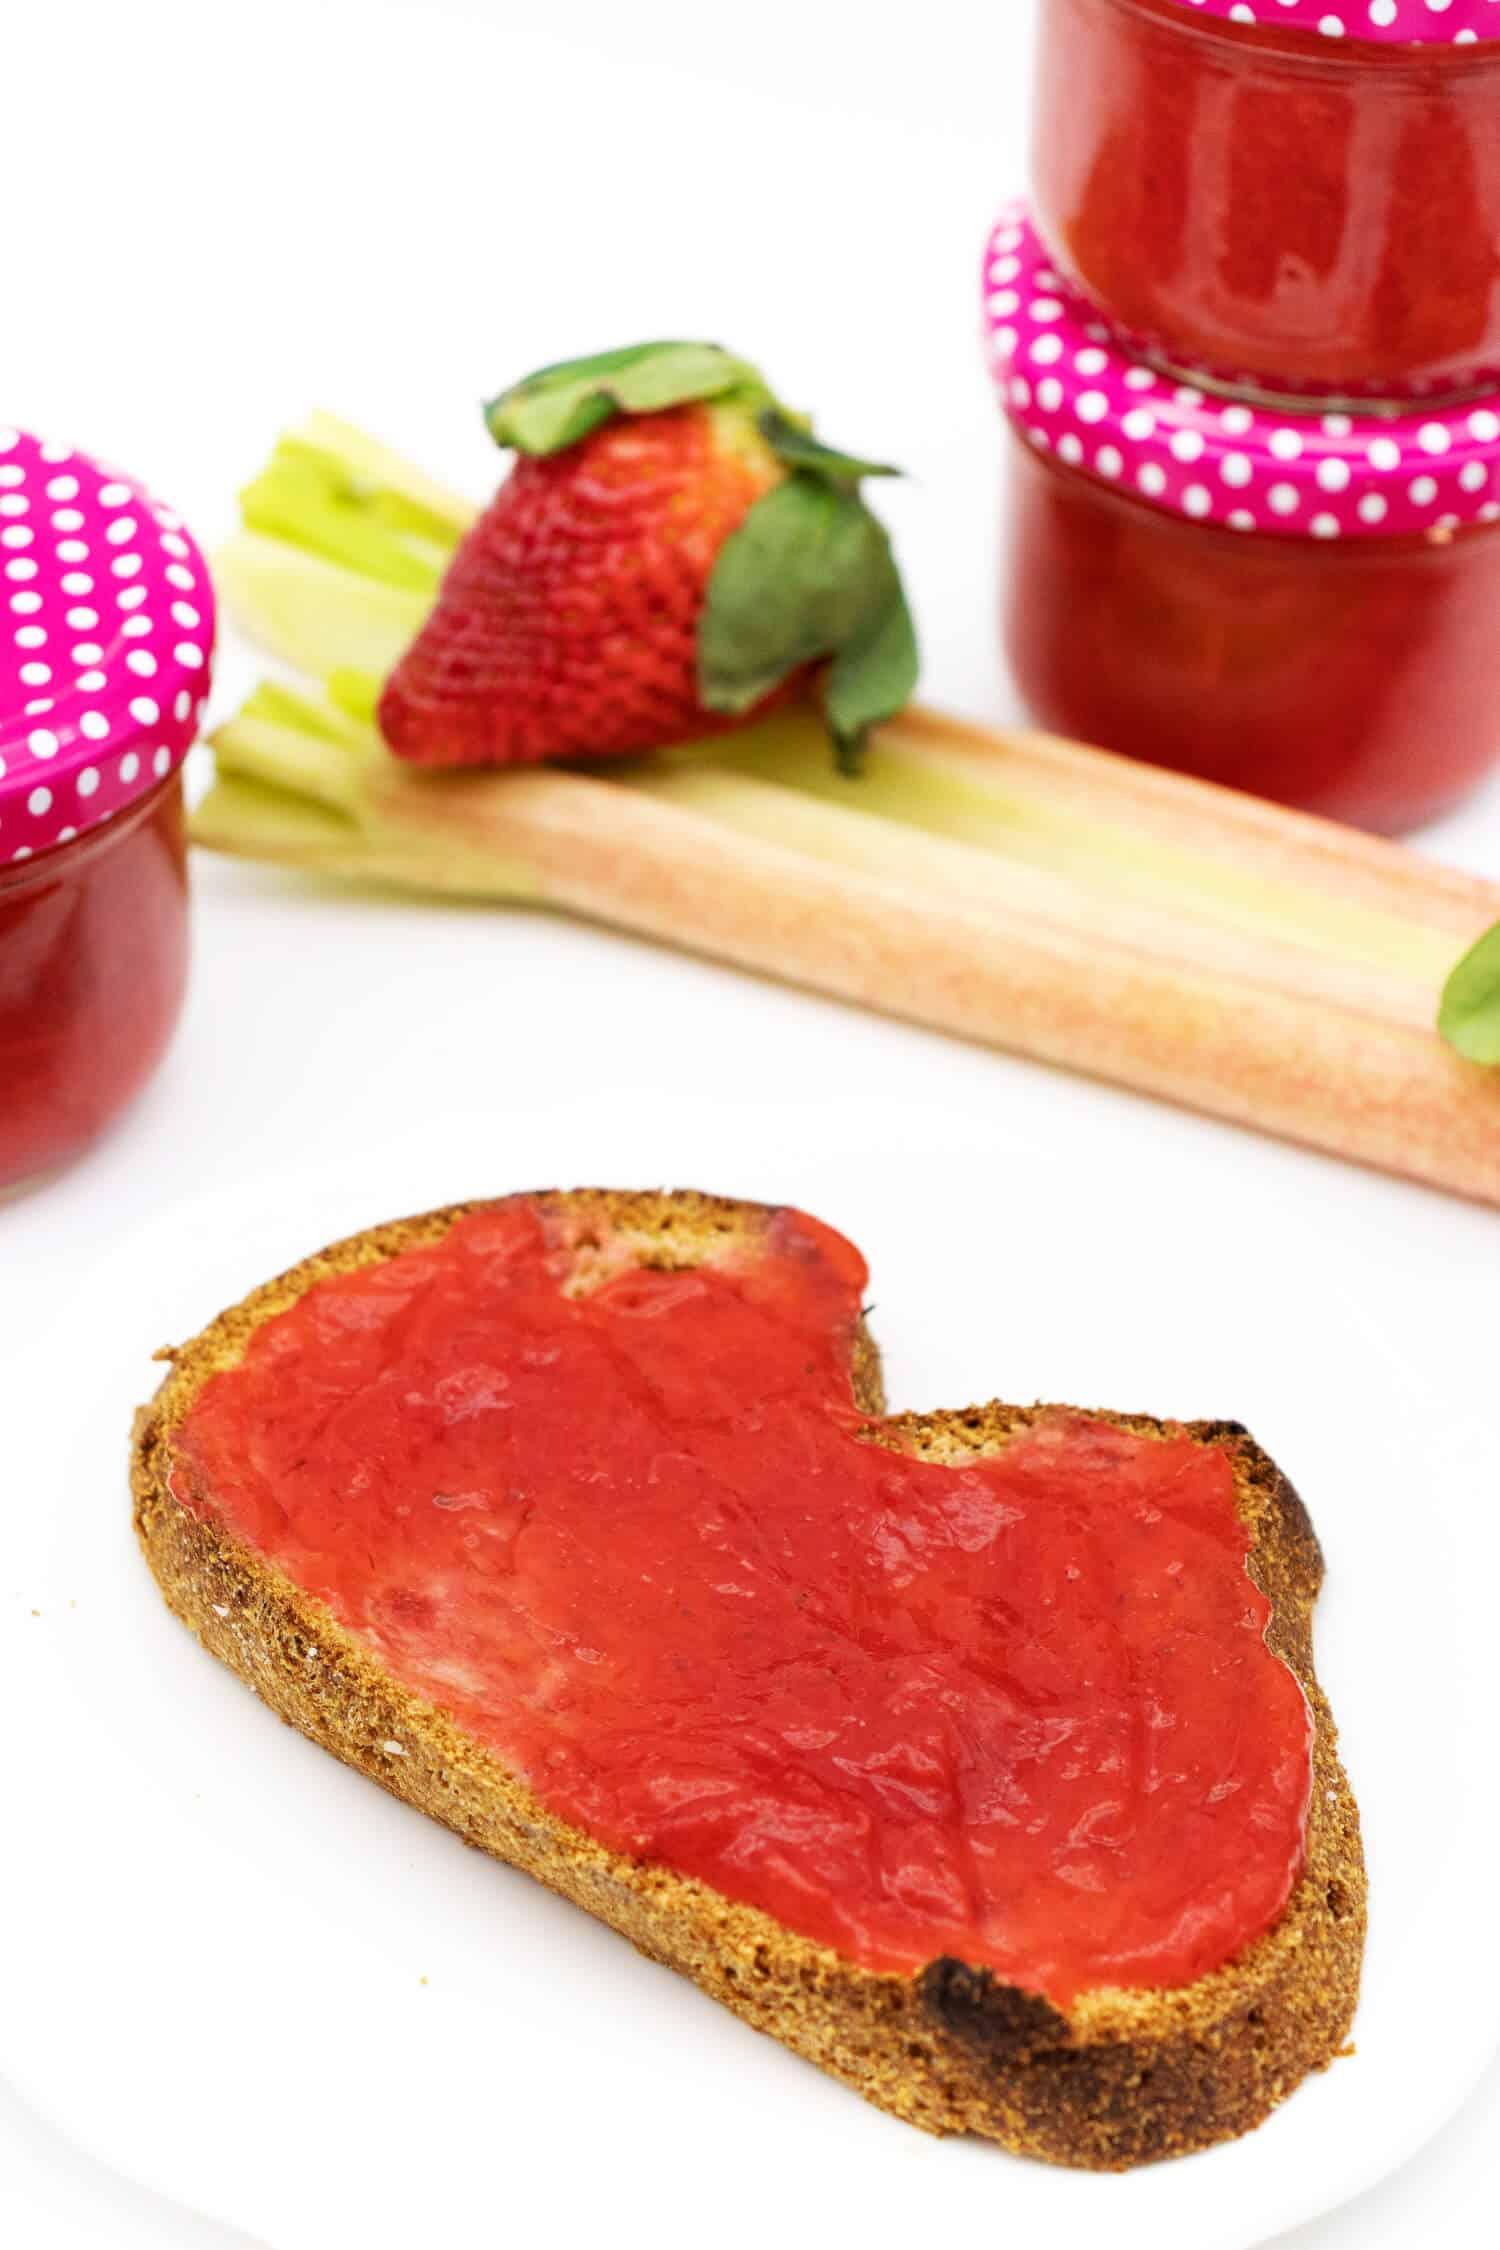 Zuckerfreie Erdbeer Rhabarber Marmelade selber machen